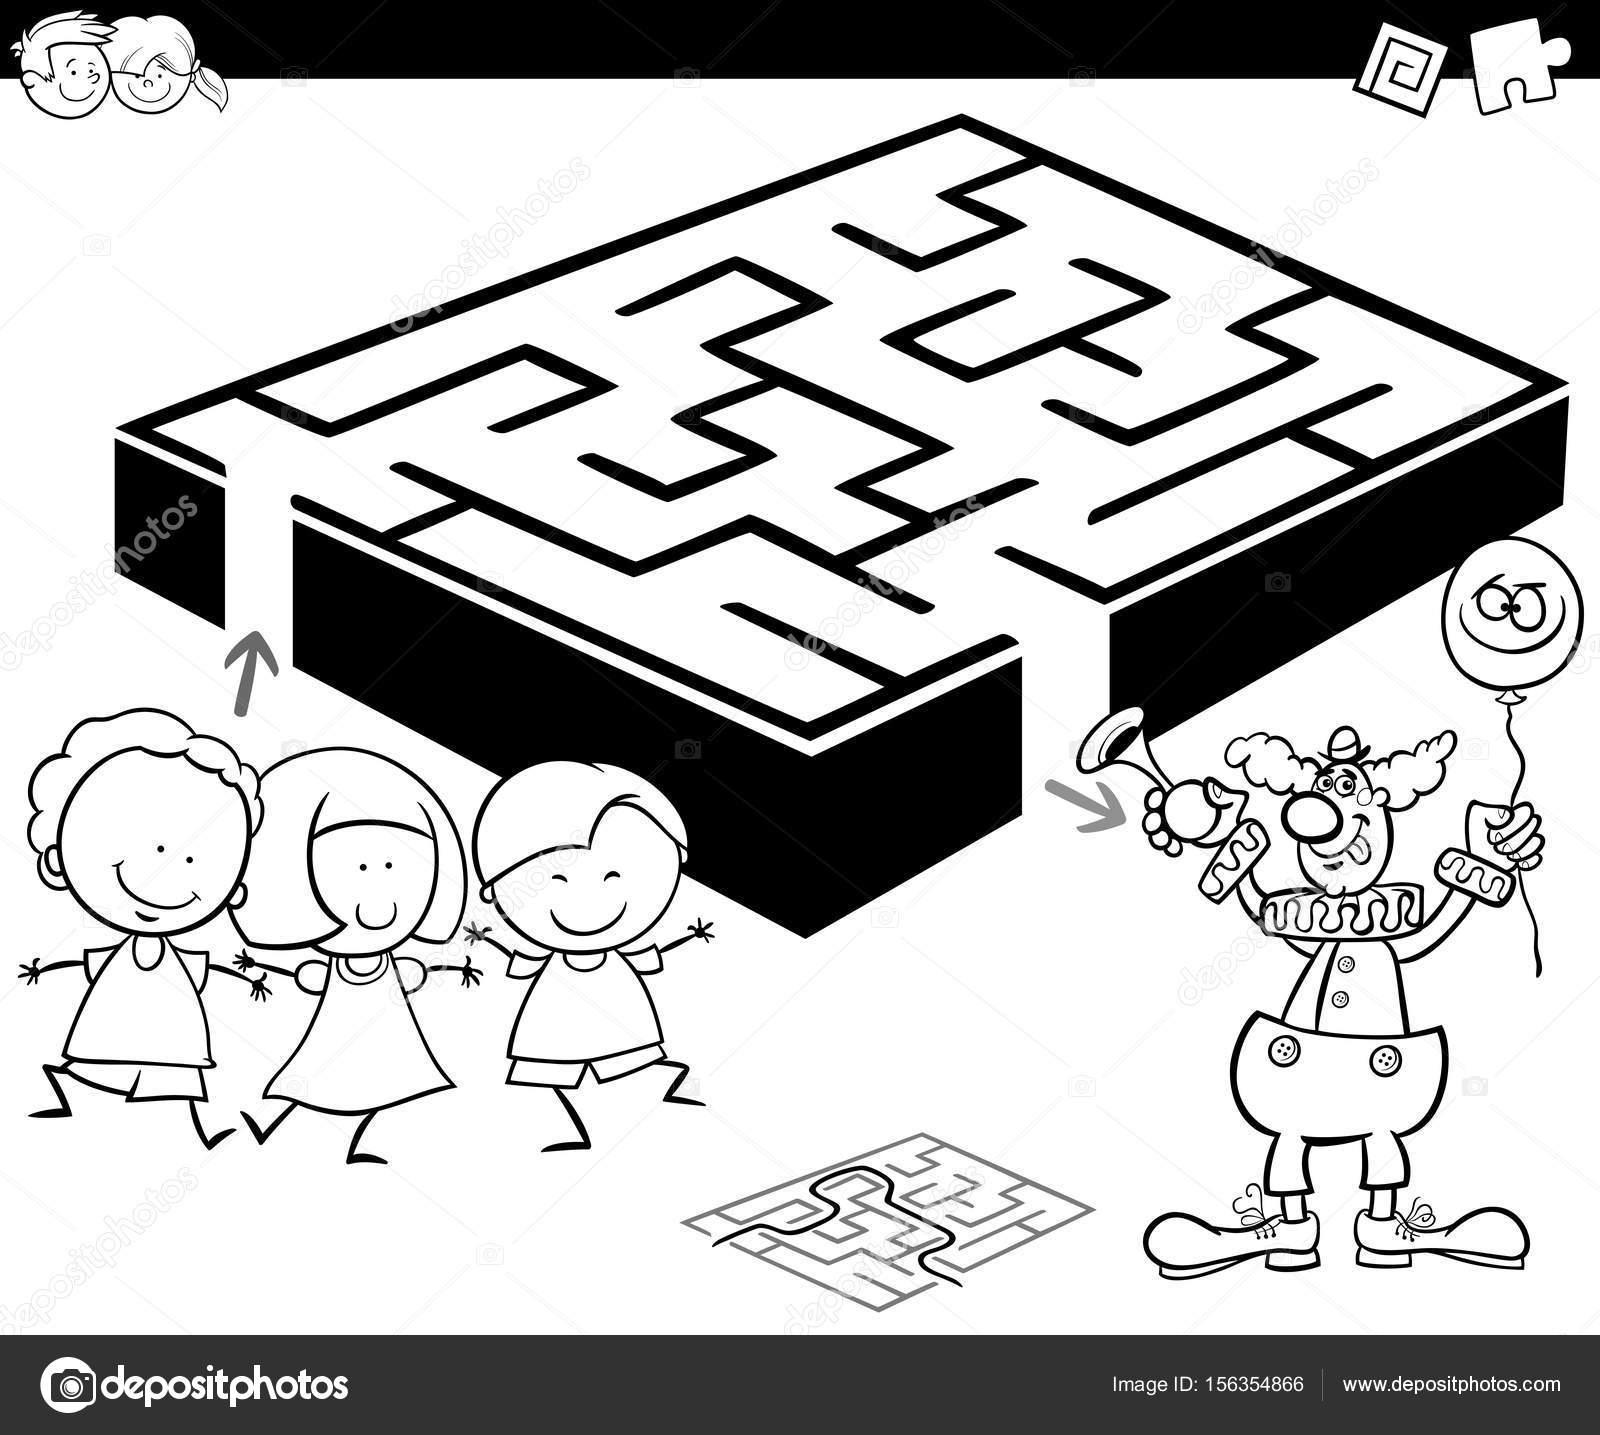 laberinto con niños y payaso para colorear — Archivo Imágenes ...